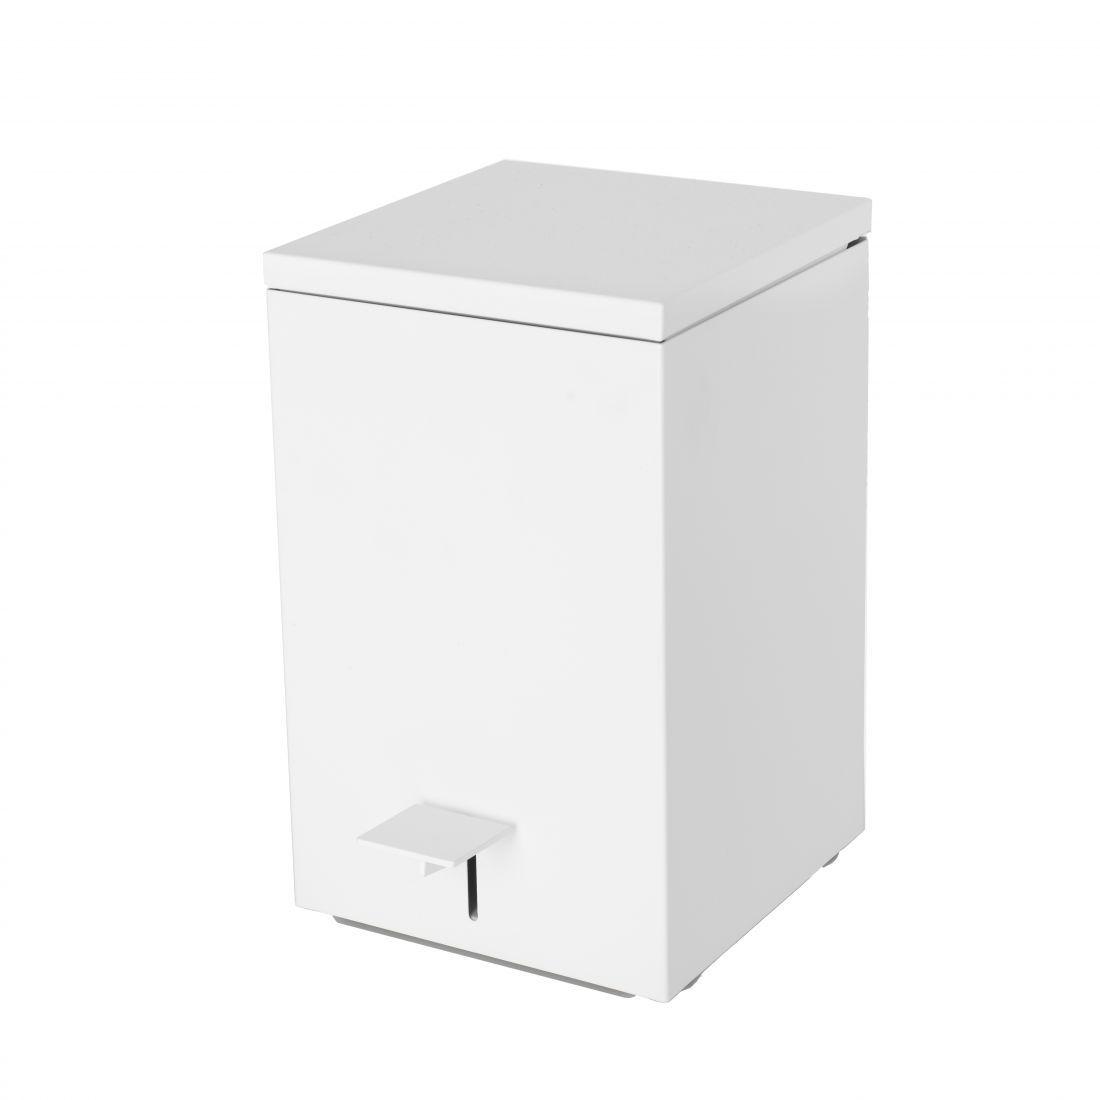 Pedal bin Stainless steel, white matt bathroom